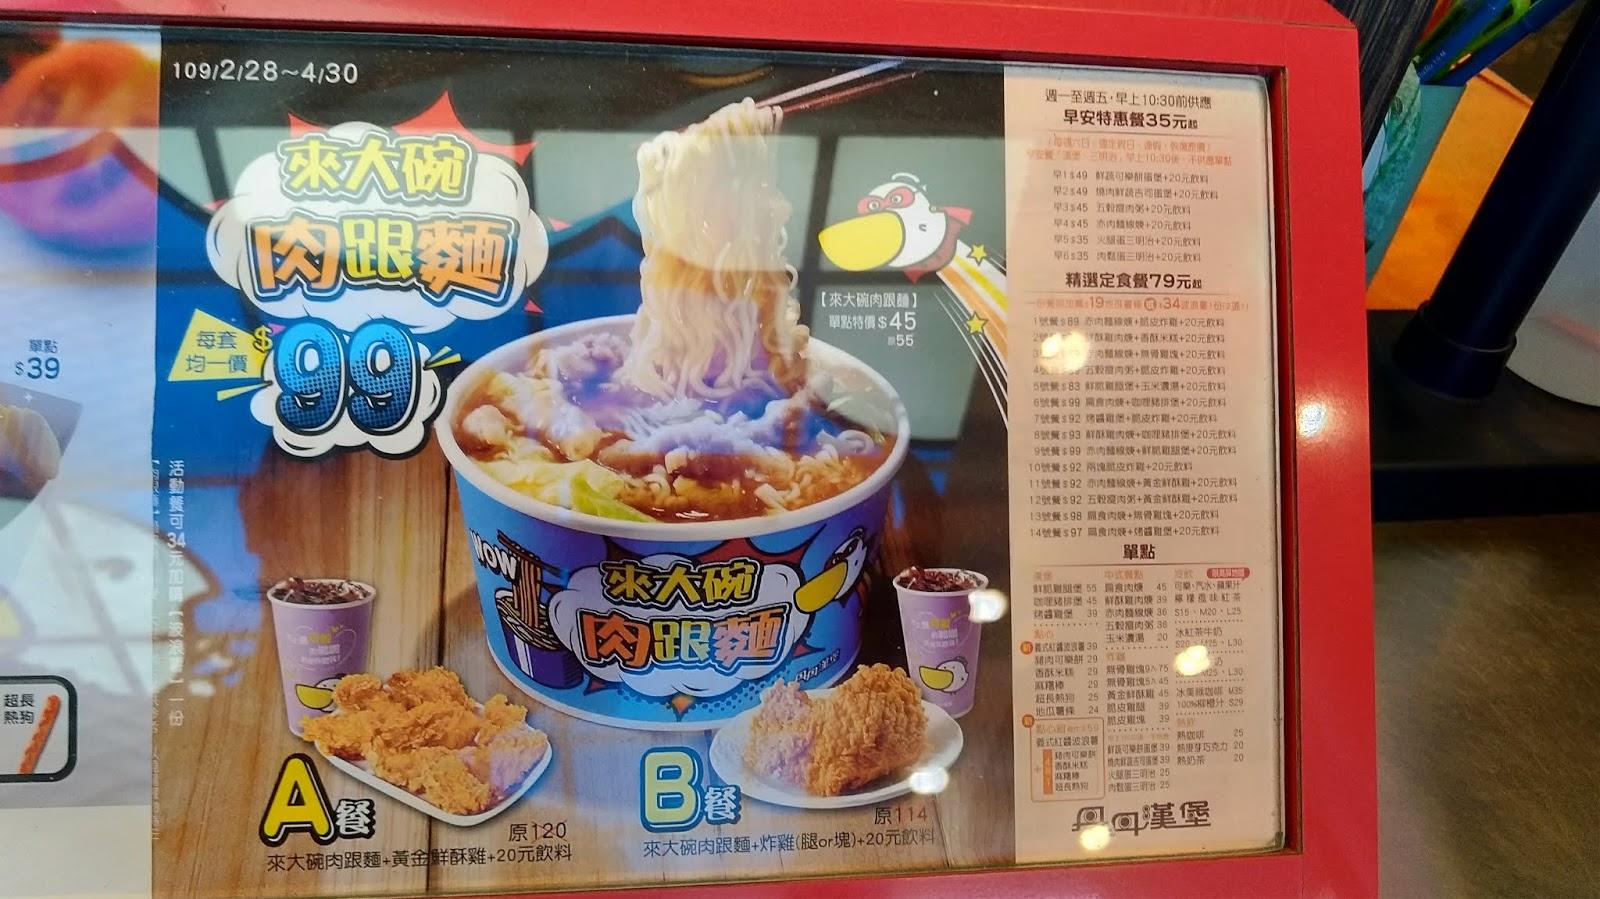 不良猴的網路星球: 丹丹漢堡來大碗肉跟麵B餐新市店